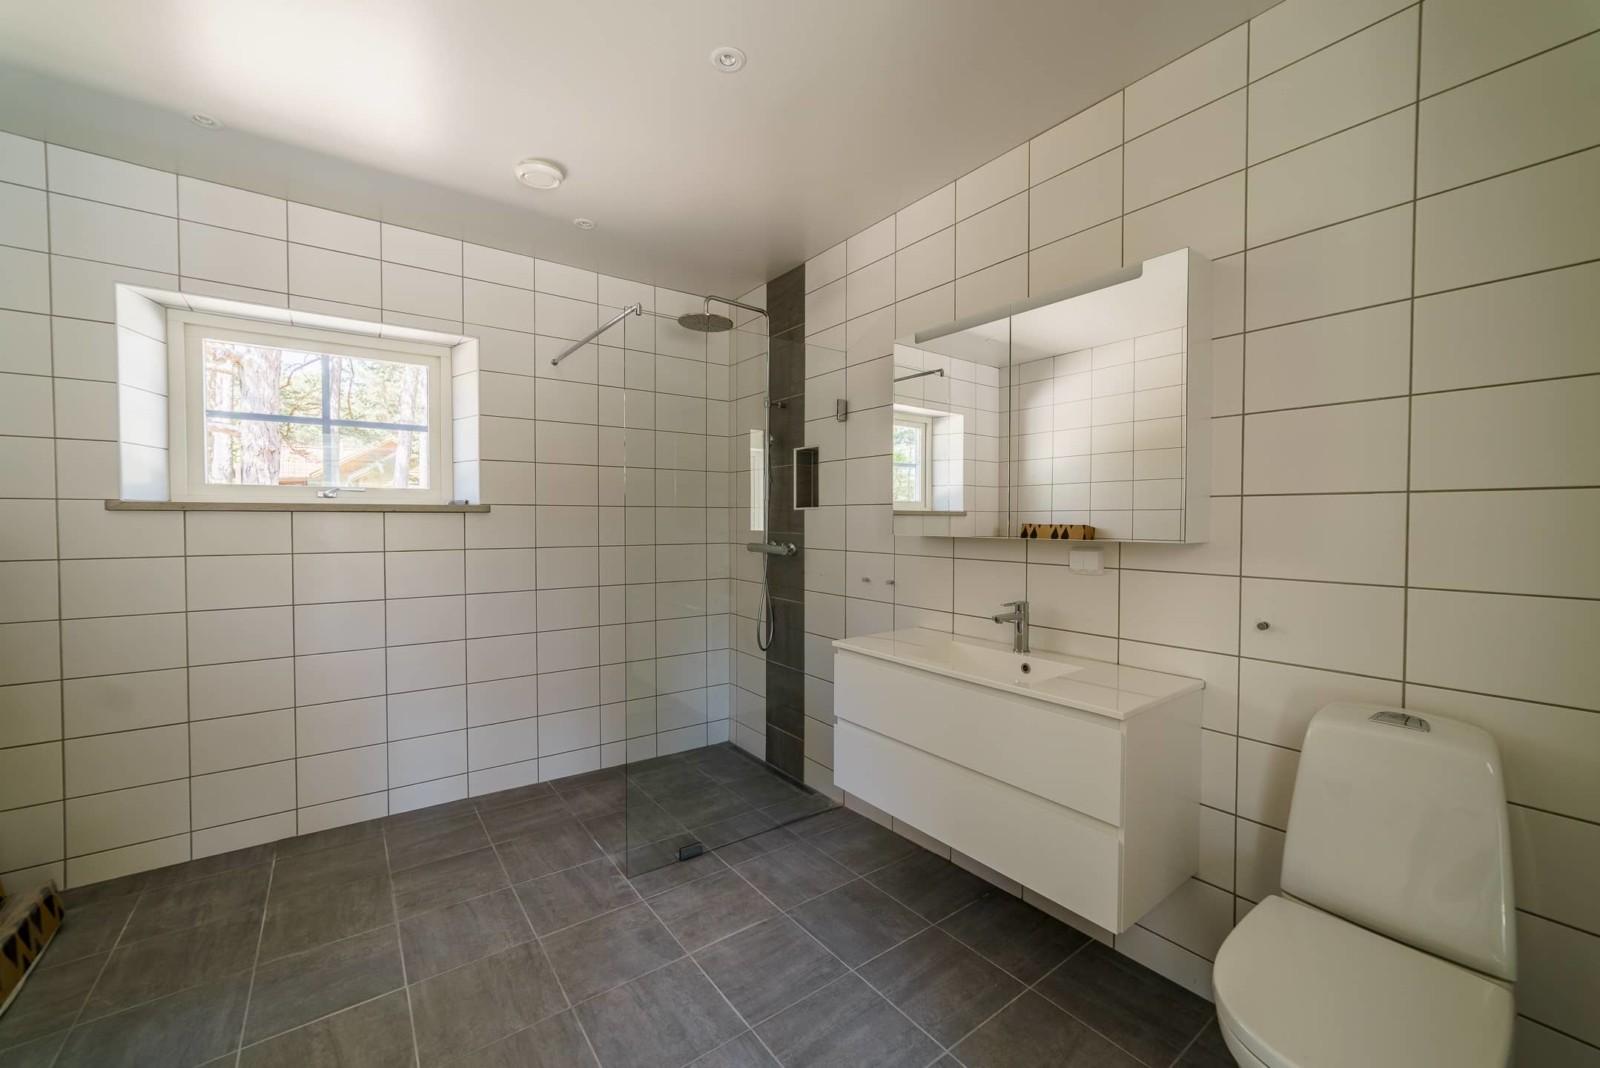 Hus nr 4 Tofta Gnisvärd 2015-2016 Nybyggnad-08-2